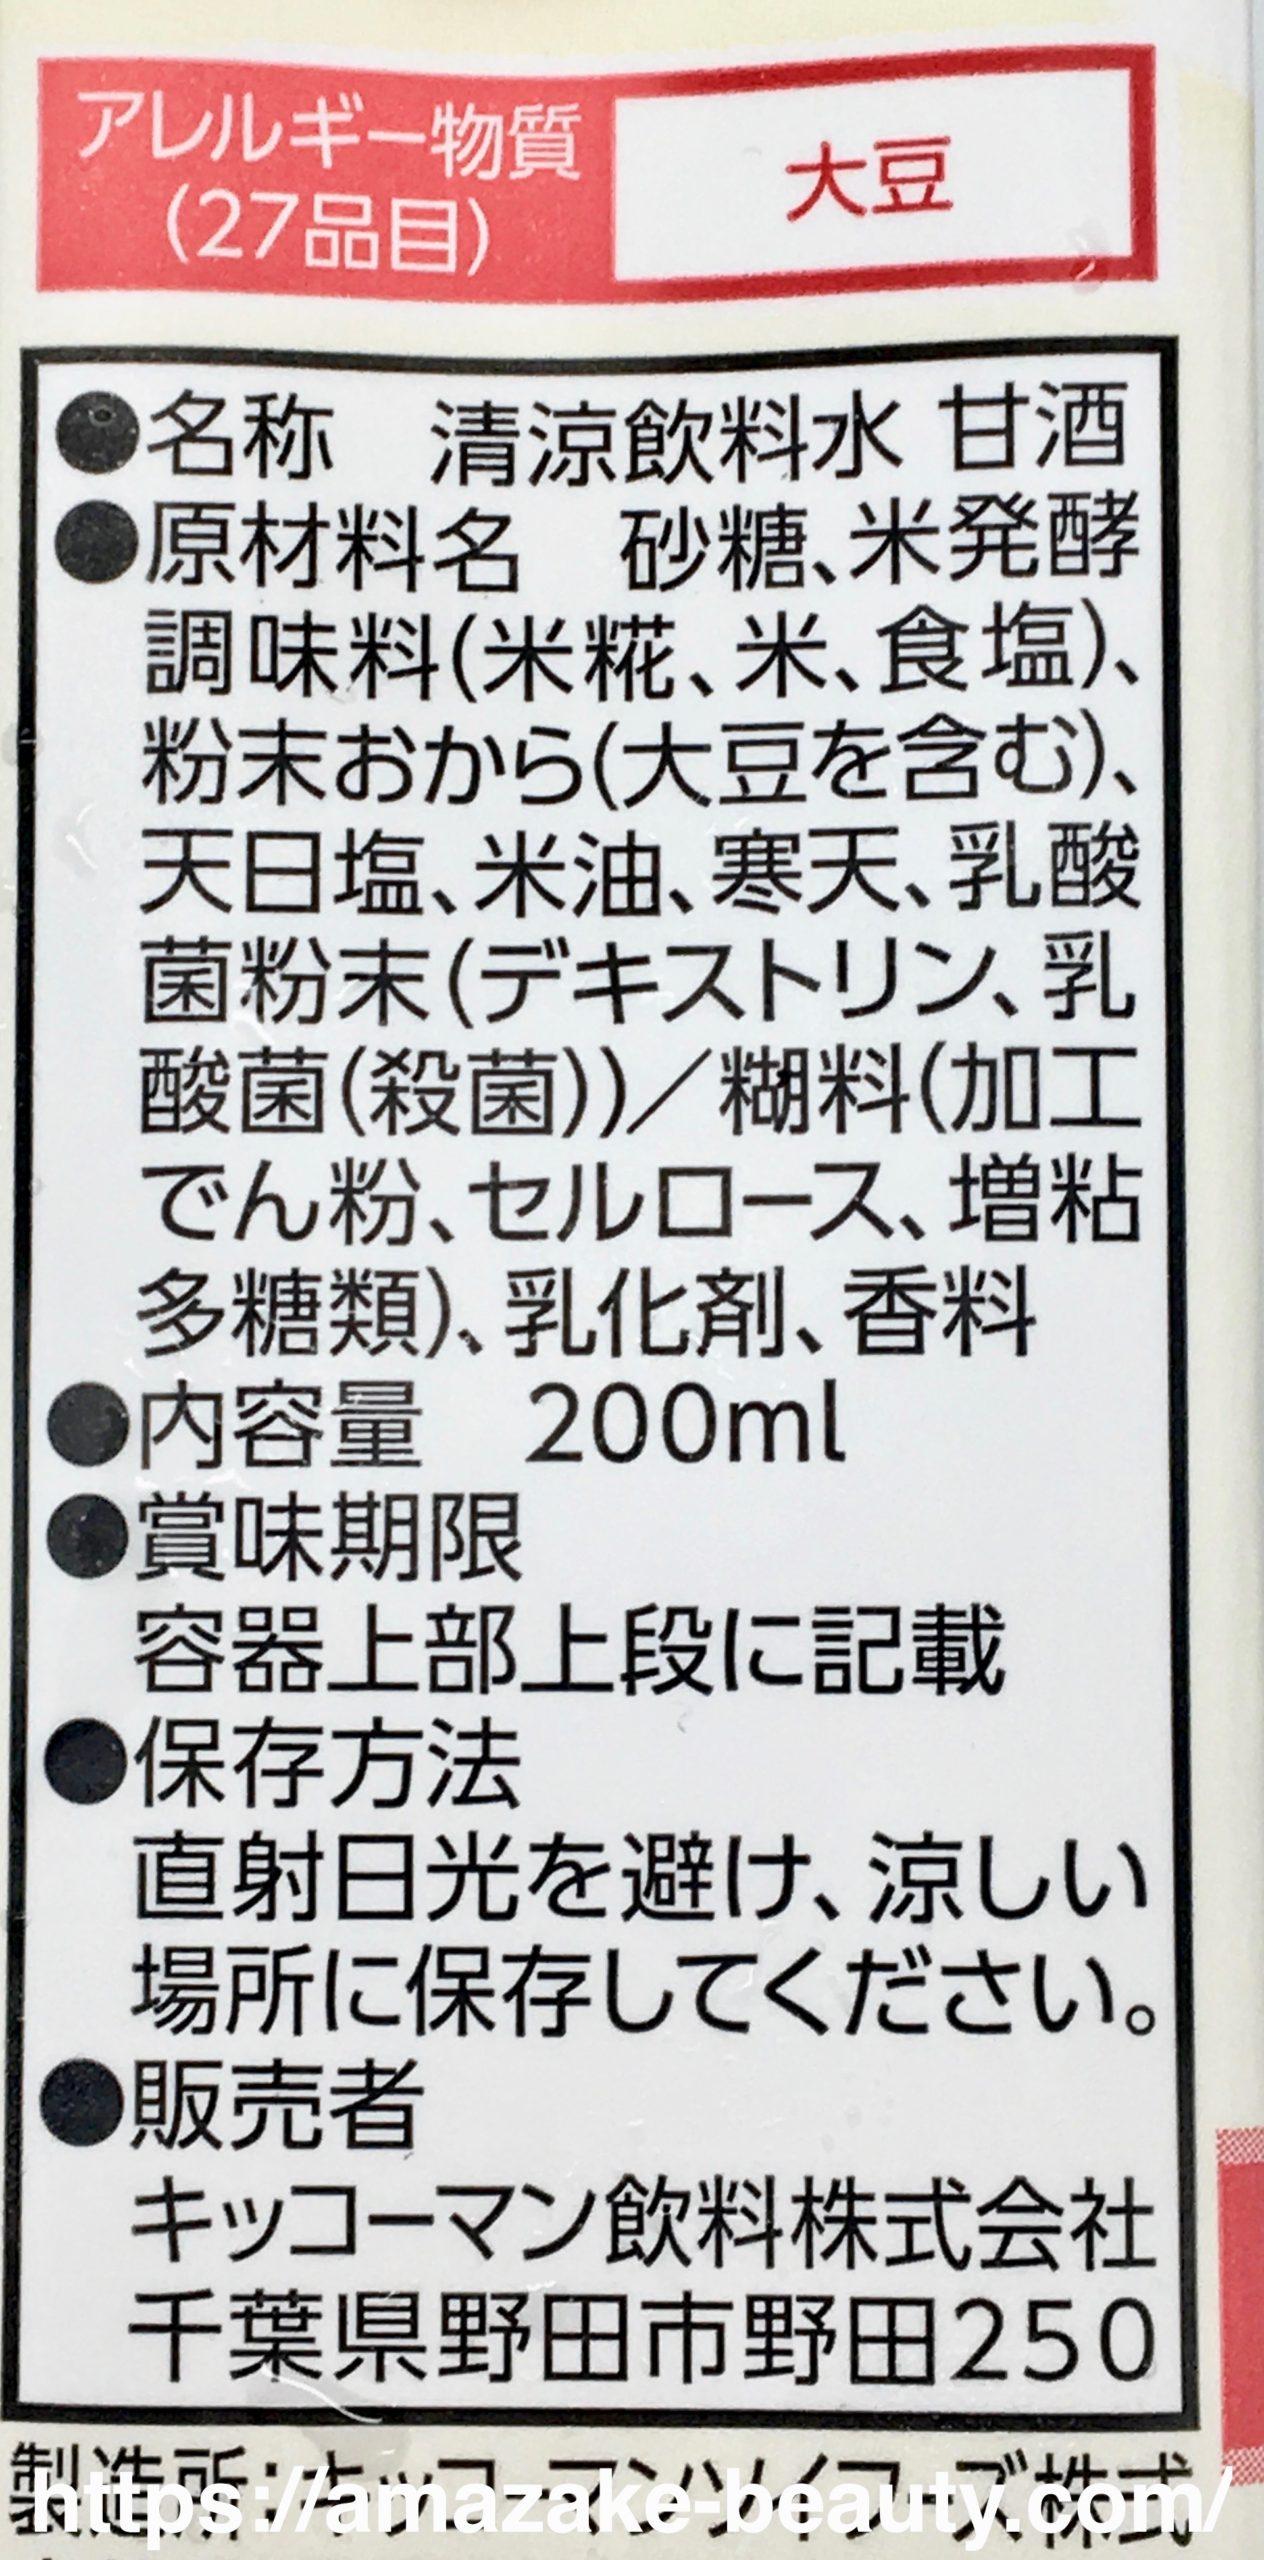 【甘酒】キッコーマン『甘酒』(商品情報)